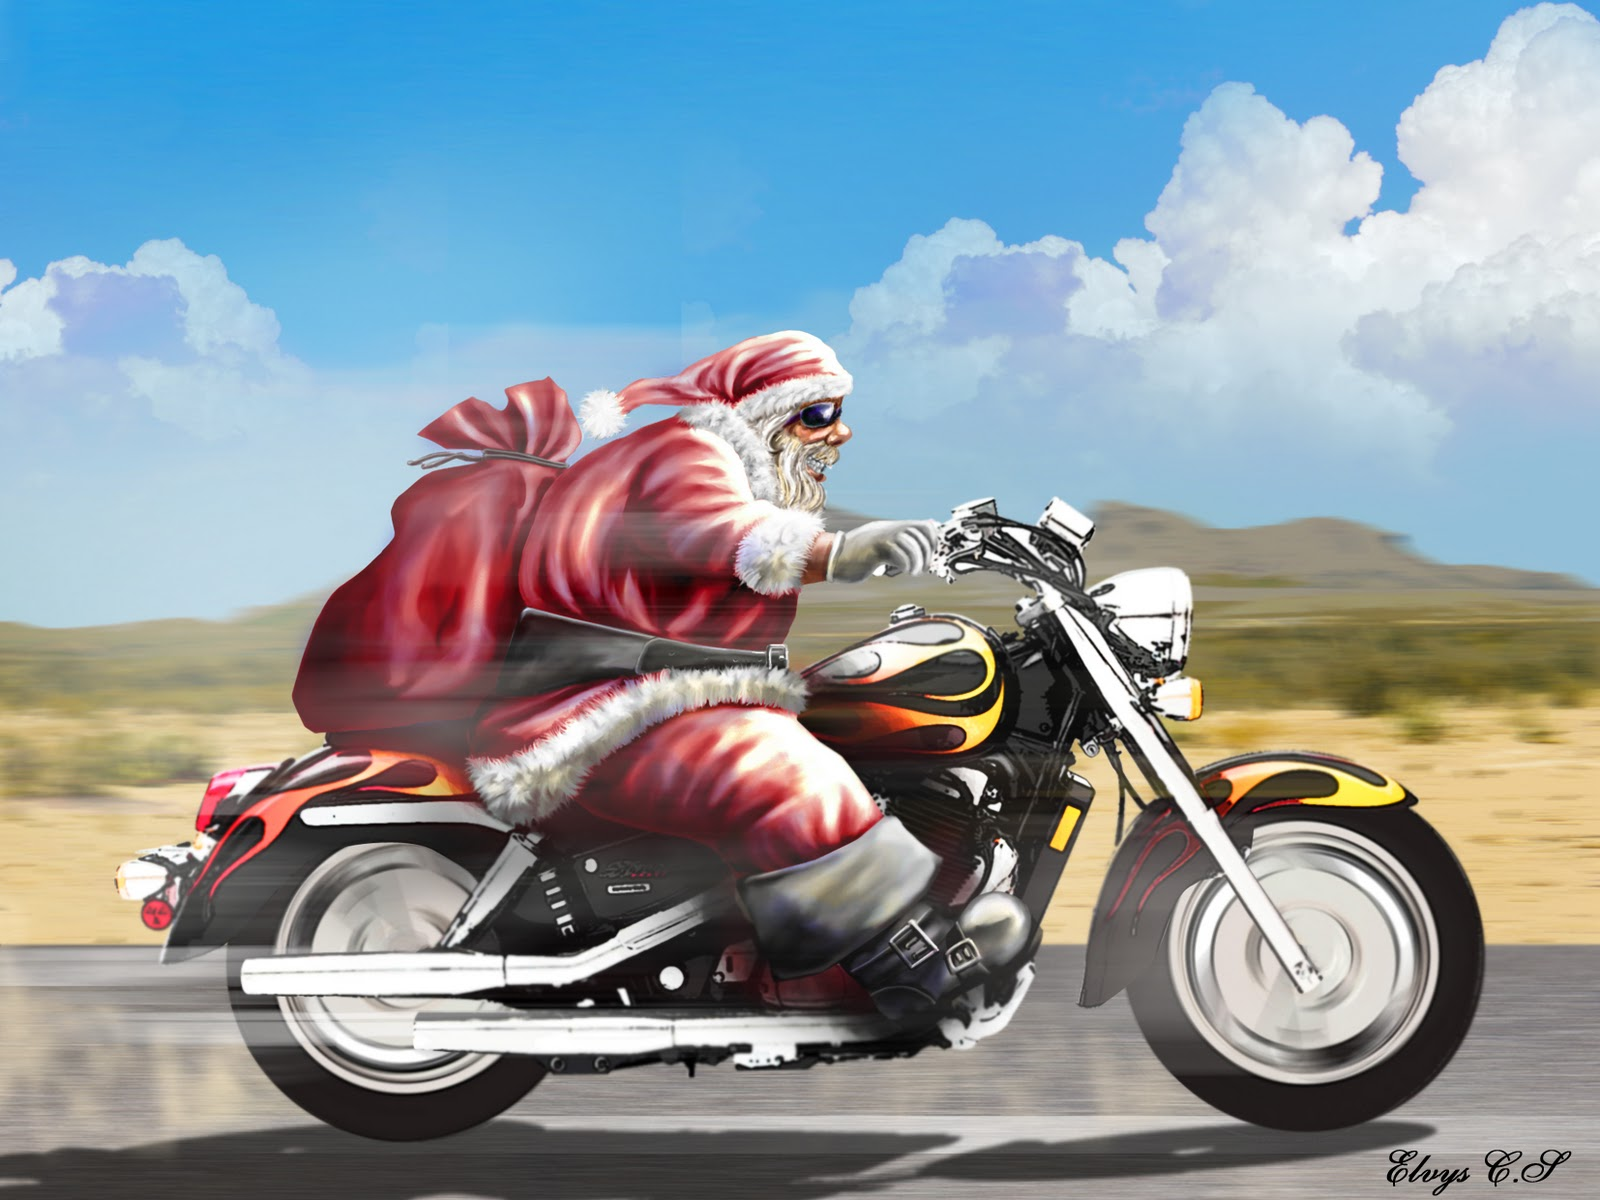 papai noel zika de oculos escuro andando de moto ao som de sweet dreams